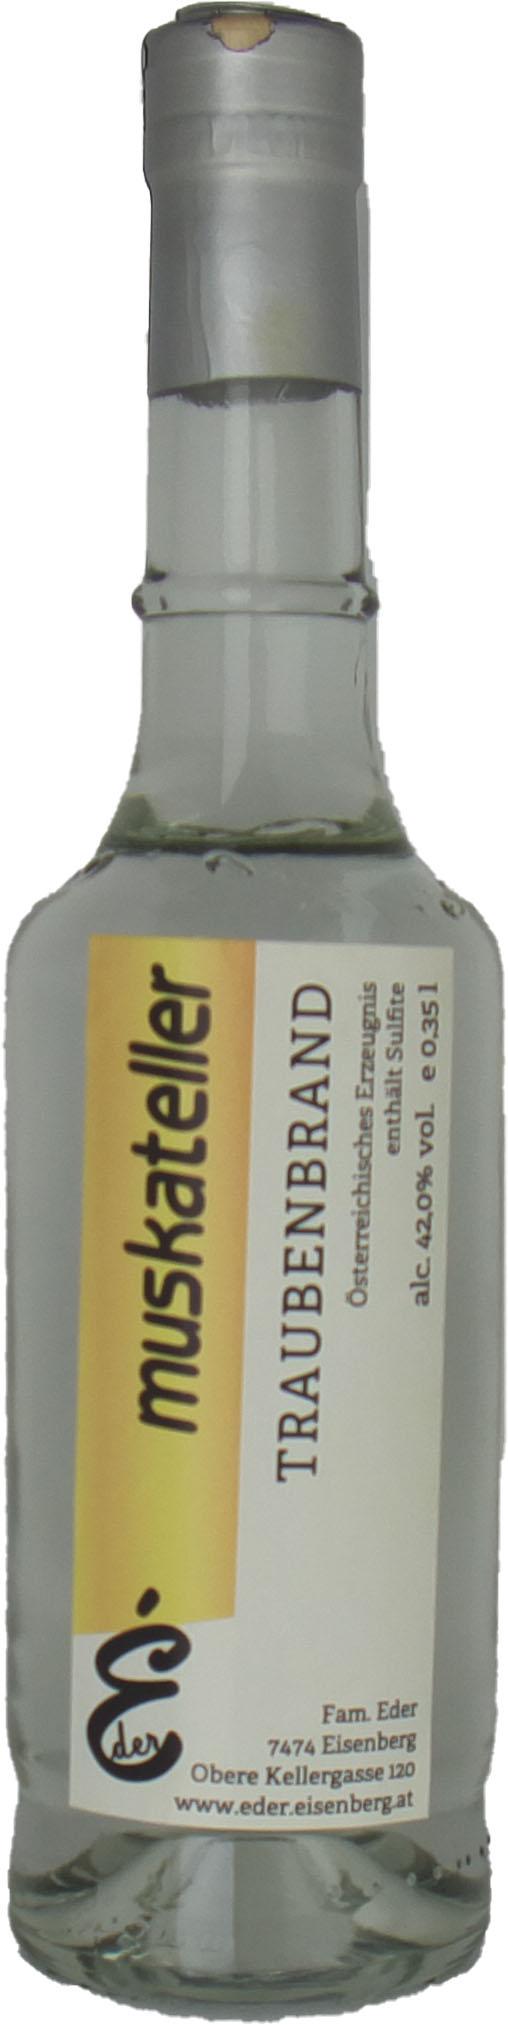 Muskateller Traubenbrand 0,35